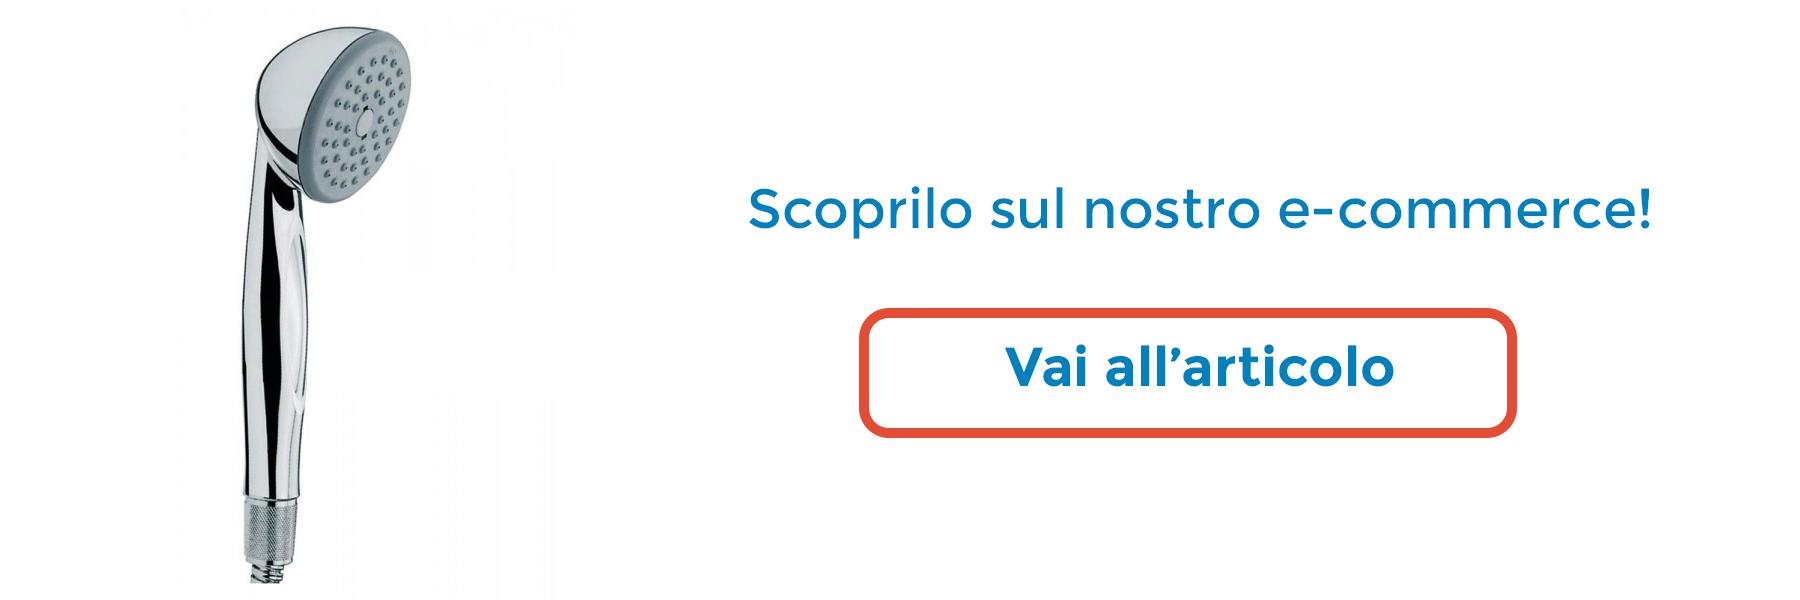 DOCCETTA CROMATA BOSSINI MIKI 1 GETTO - Bossini, docce e relax - ThermoIgienica s.r.l.